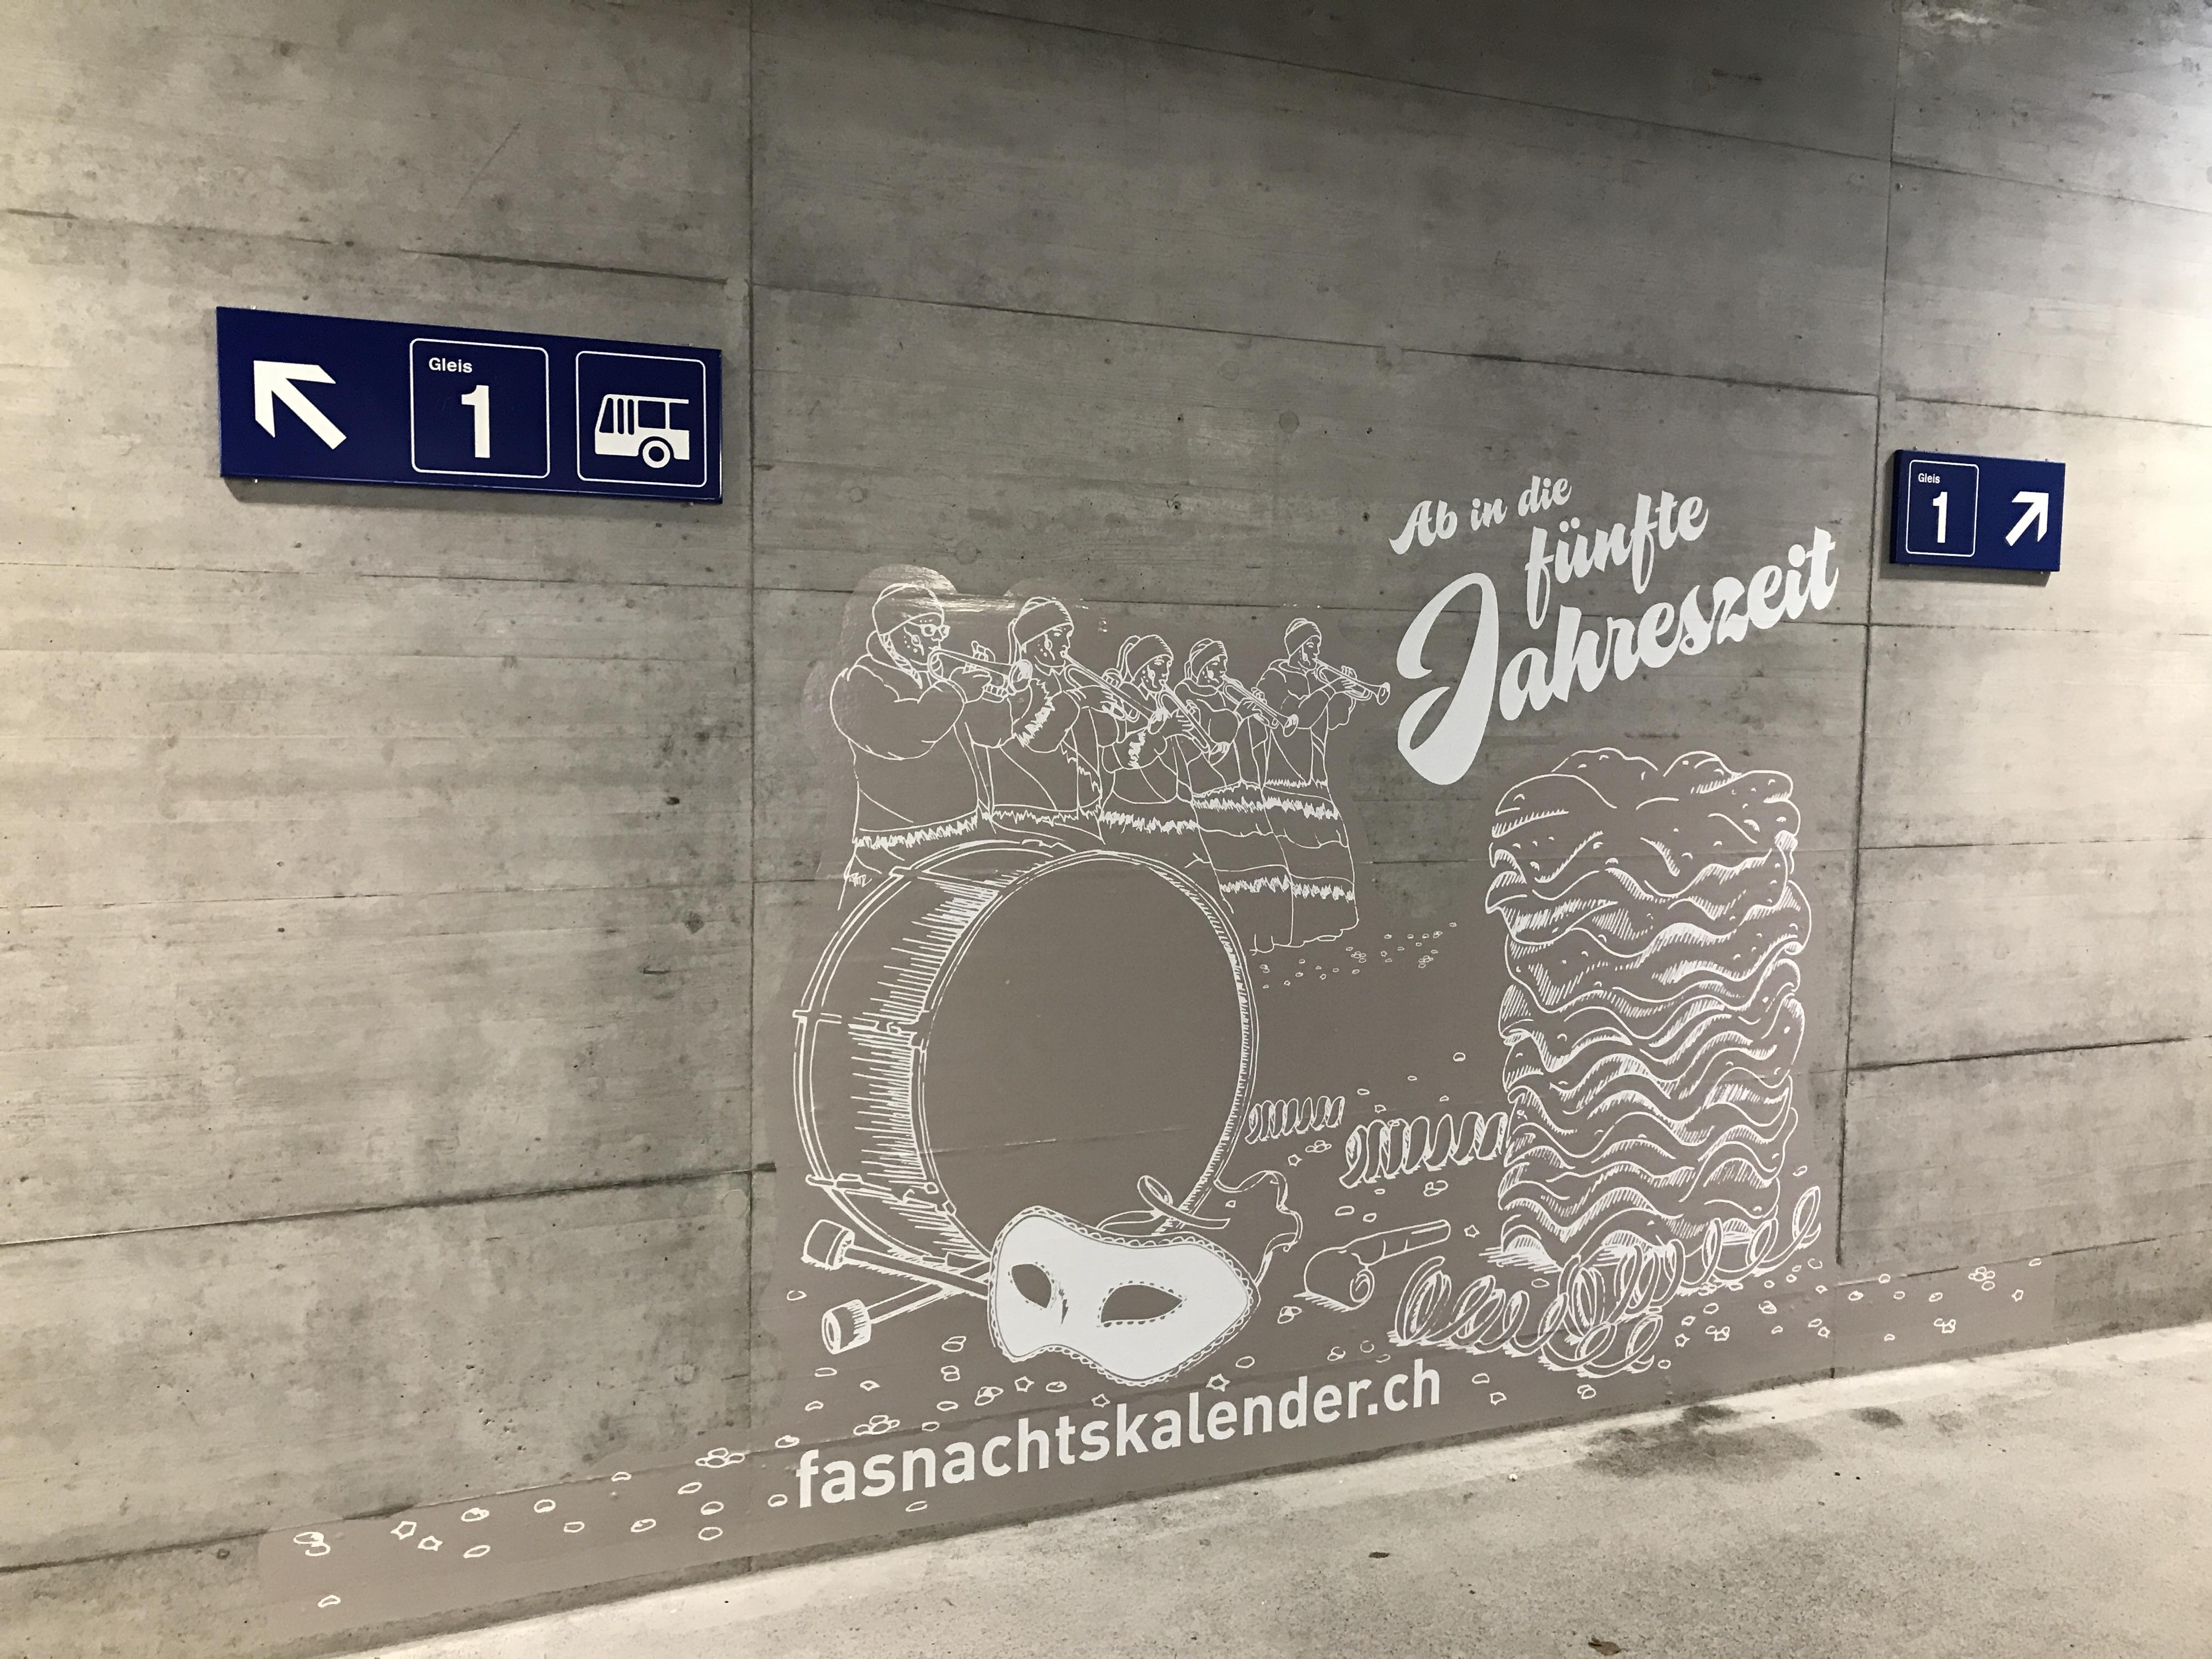 Fasnachtssujet in der Personenunterführung am Bahnhof Glarus